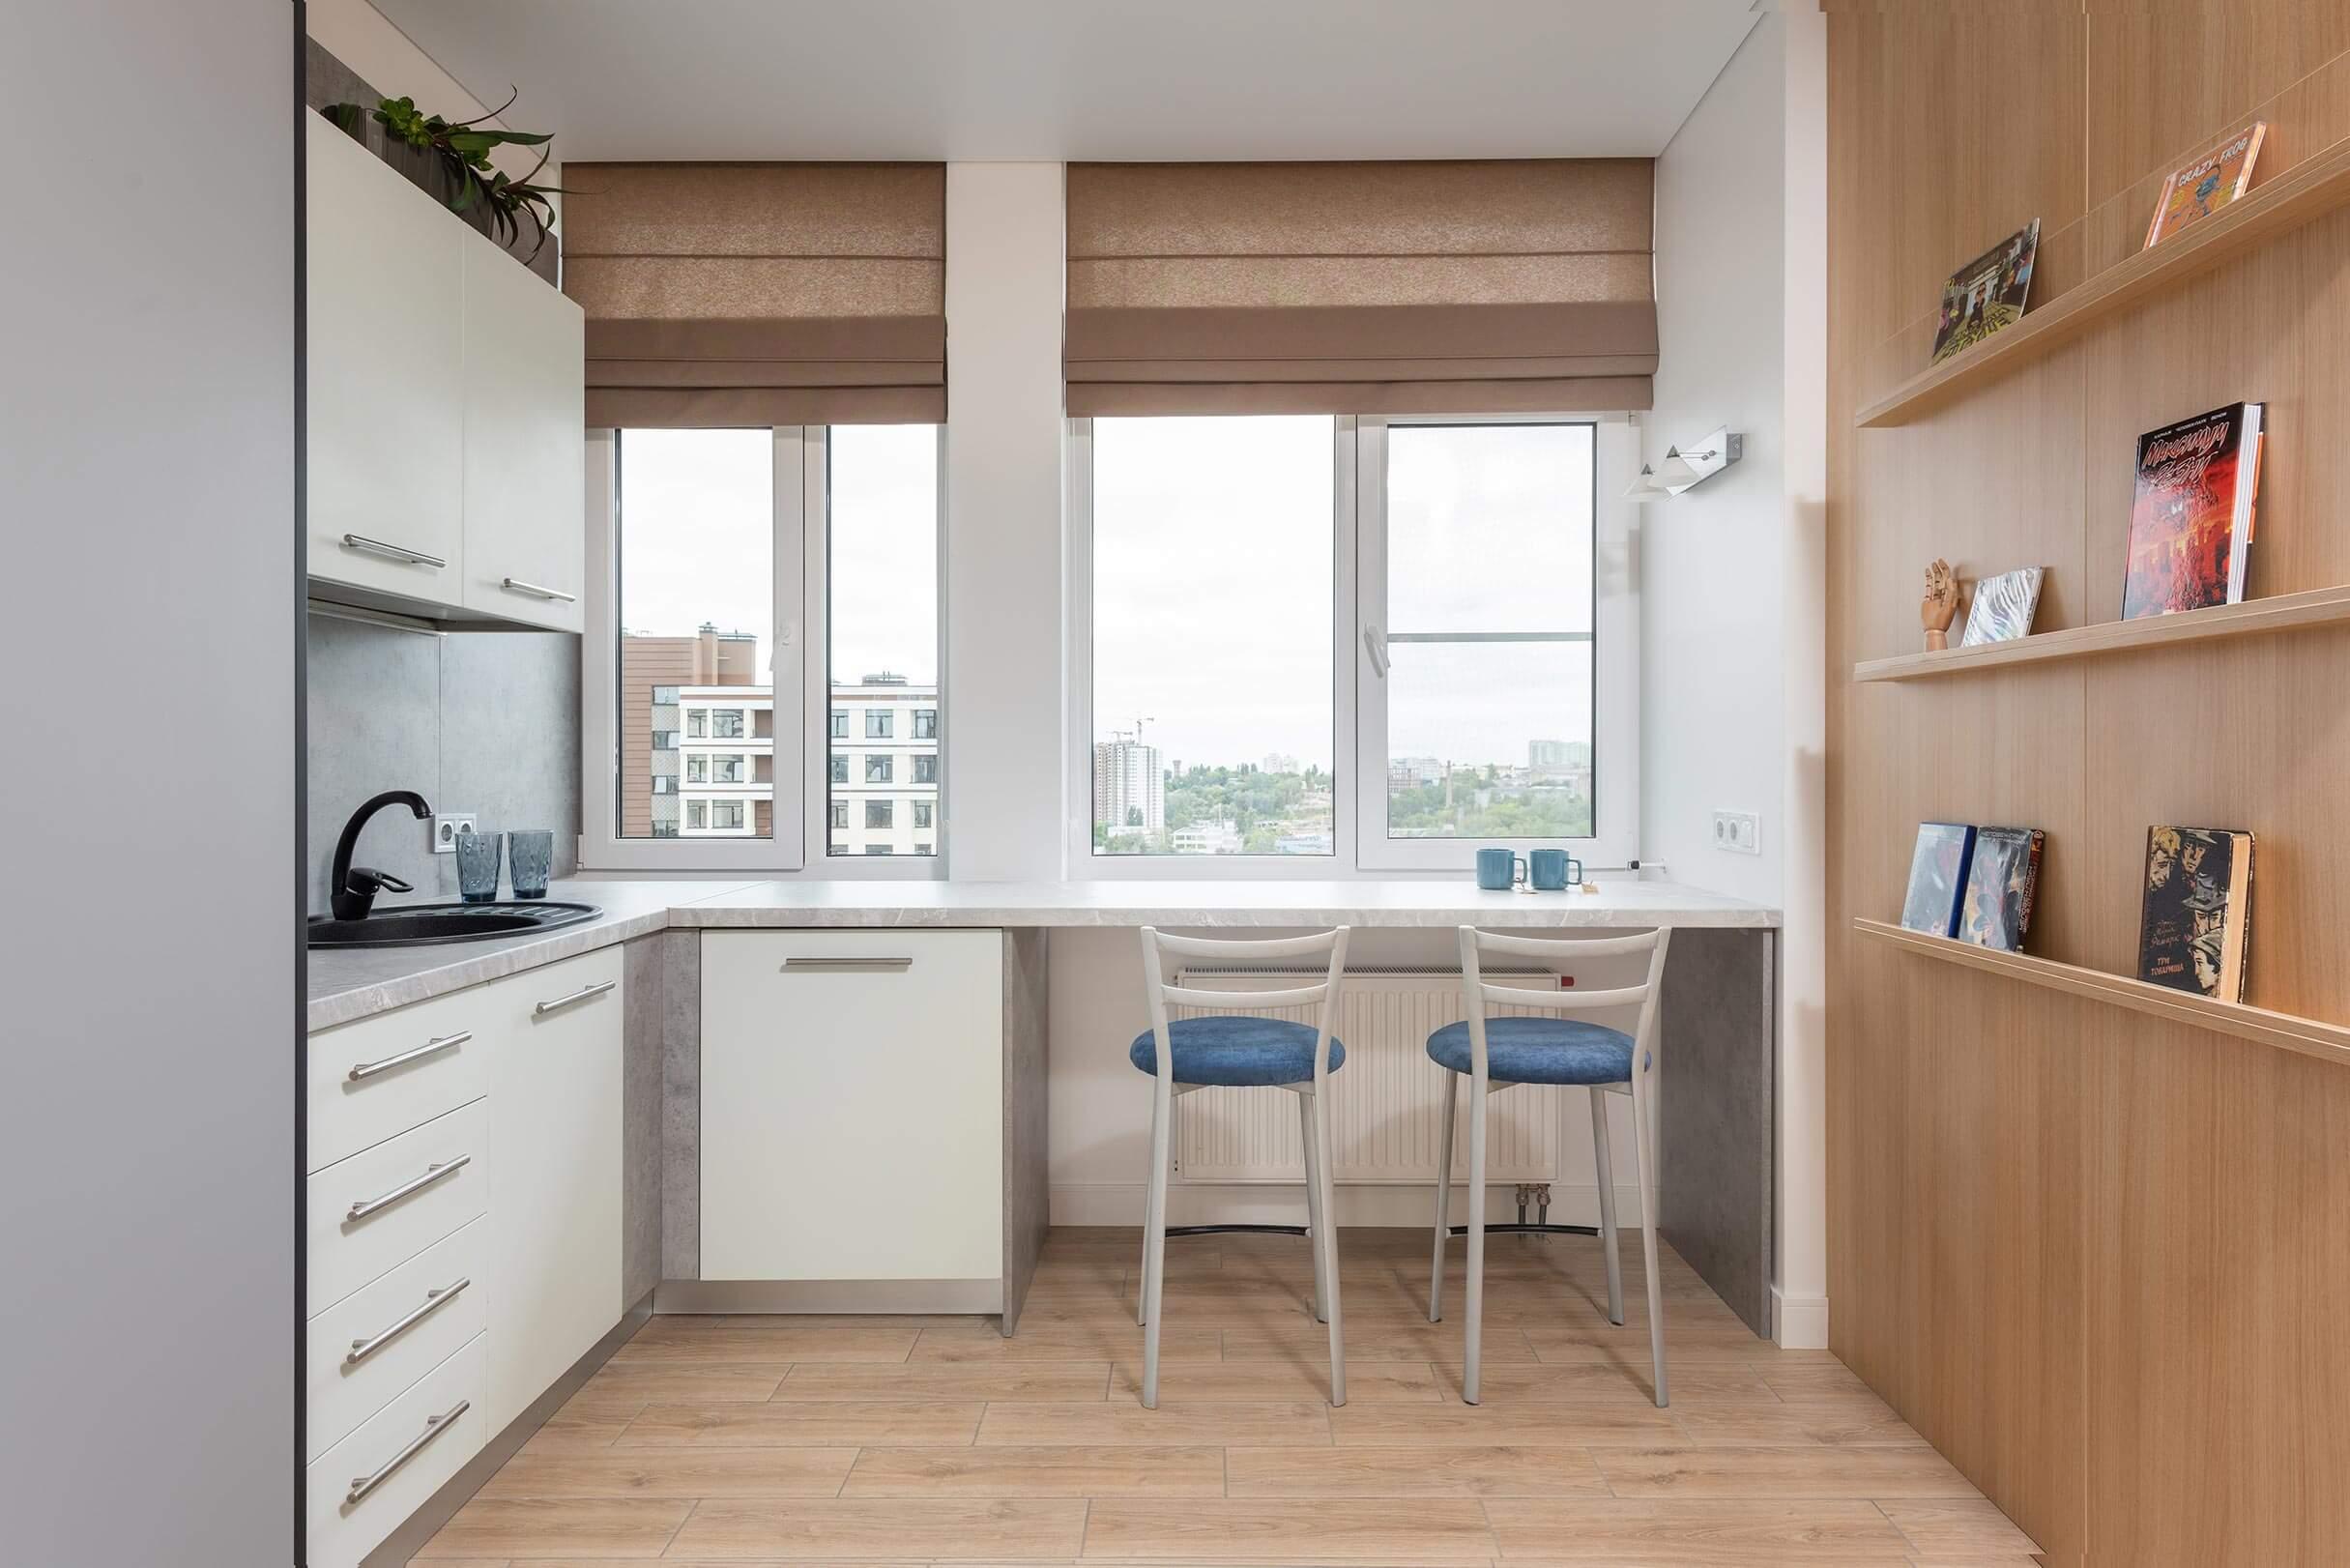 muebles a medida en espacios pequeños